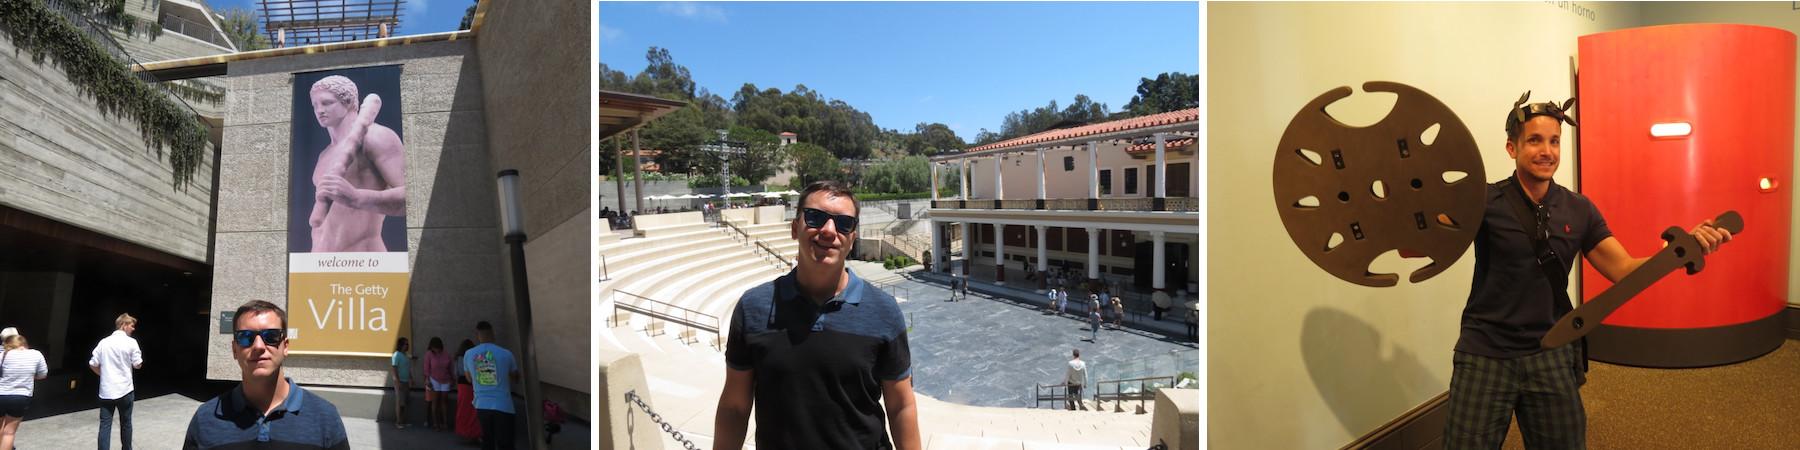 getty villa museu e anfiteatro